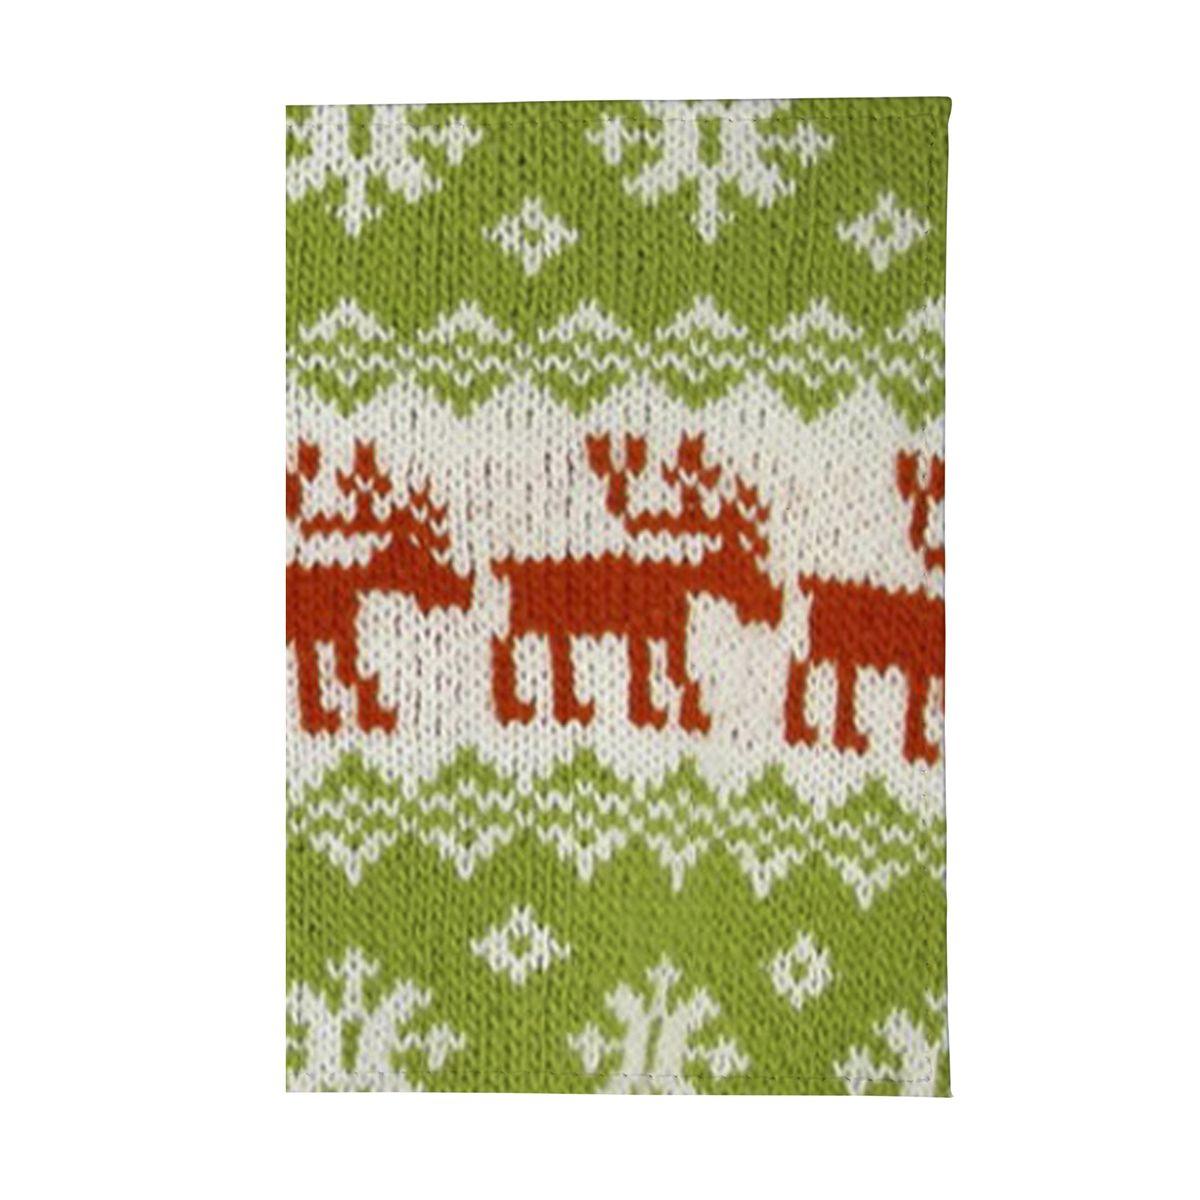 Обложка для паспорта Свитер с оленями. OZAM145